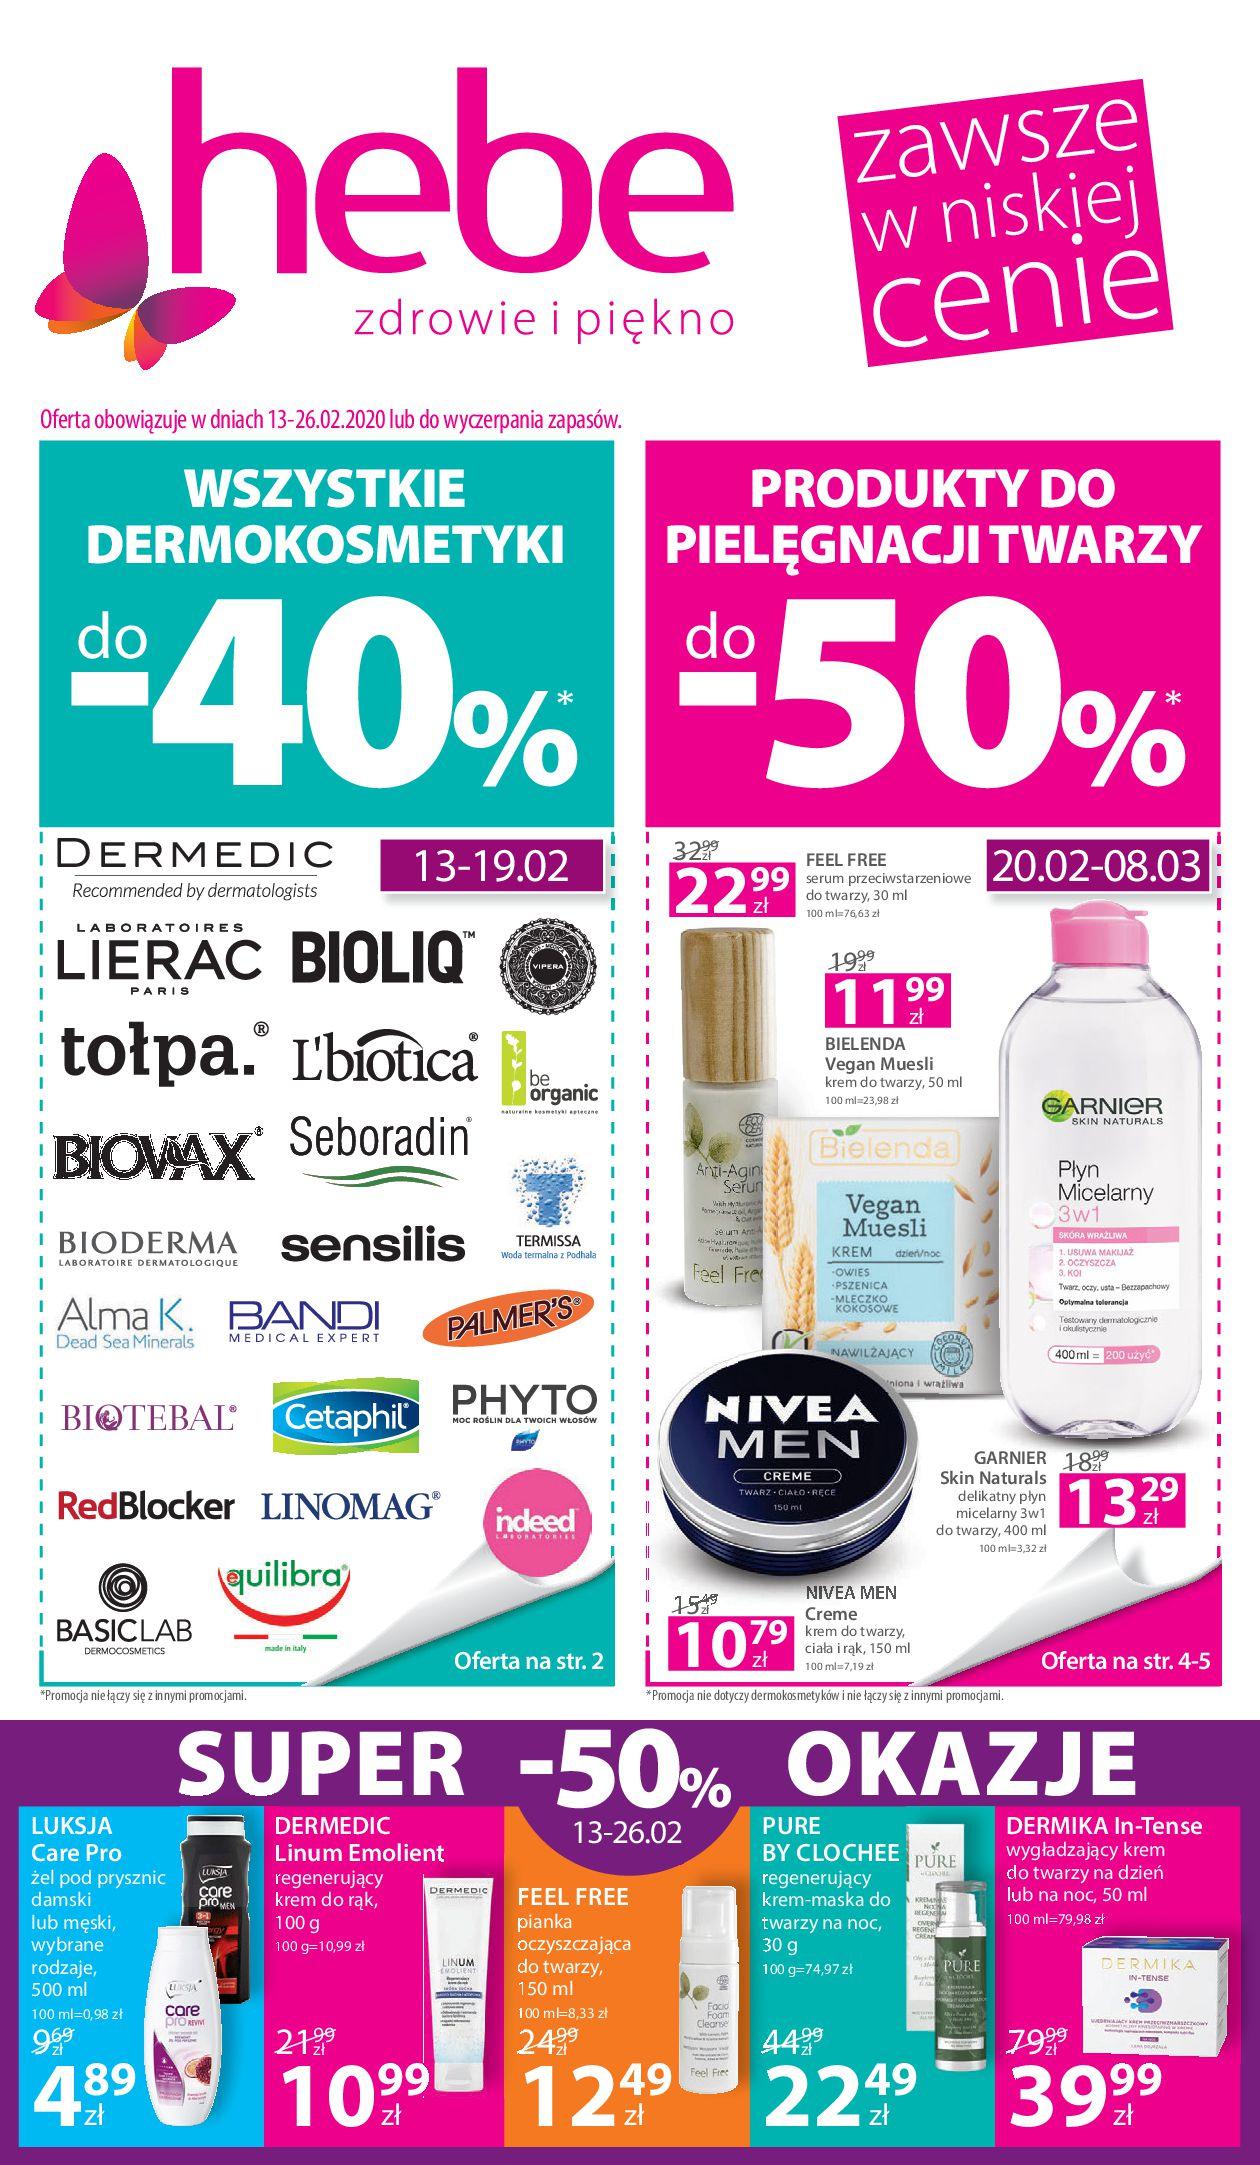 Gazetka hebe - Gazetka promocyjna-12.02.2020-26.02.2020-page-1